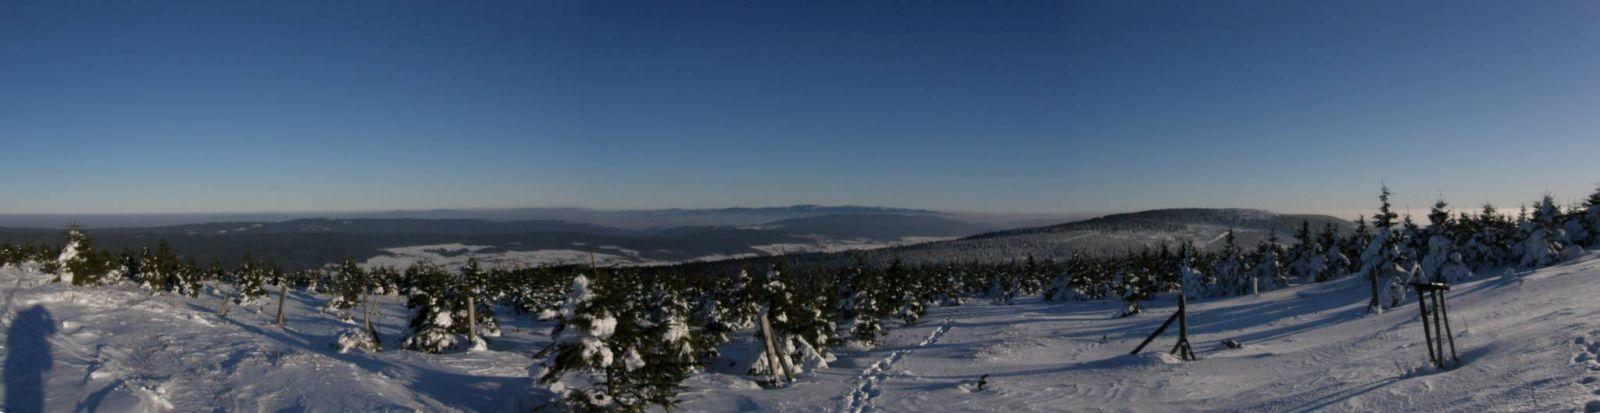 09 01 11 14.30.30 Pohled Od kiosku Na Velké Deštné   panorama